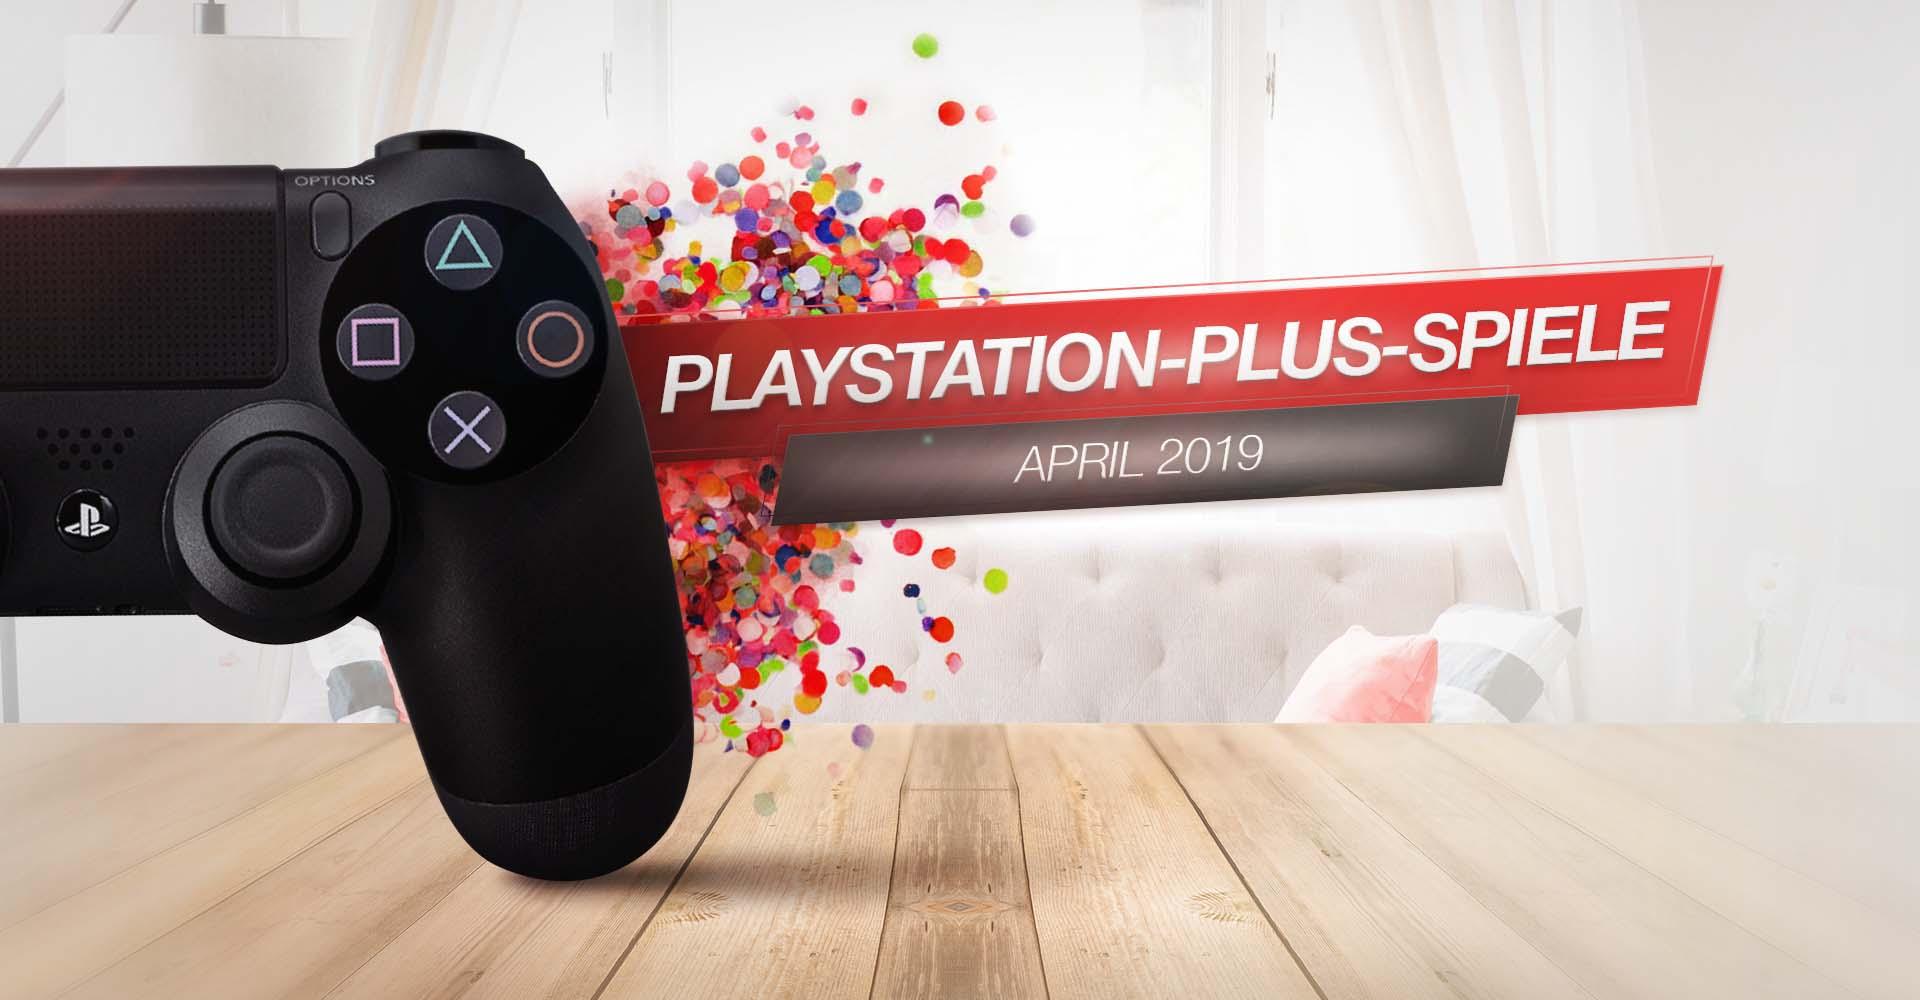 Playstation Plus Spiele April